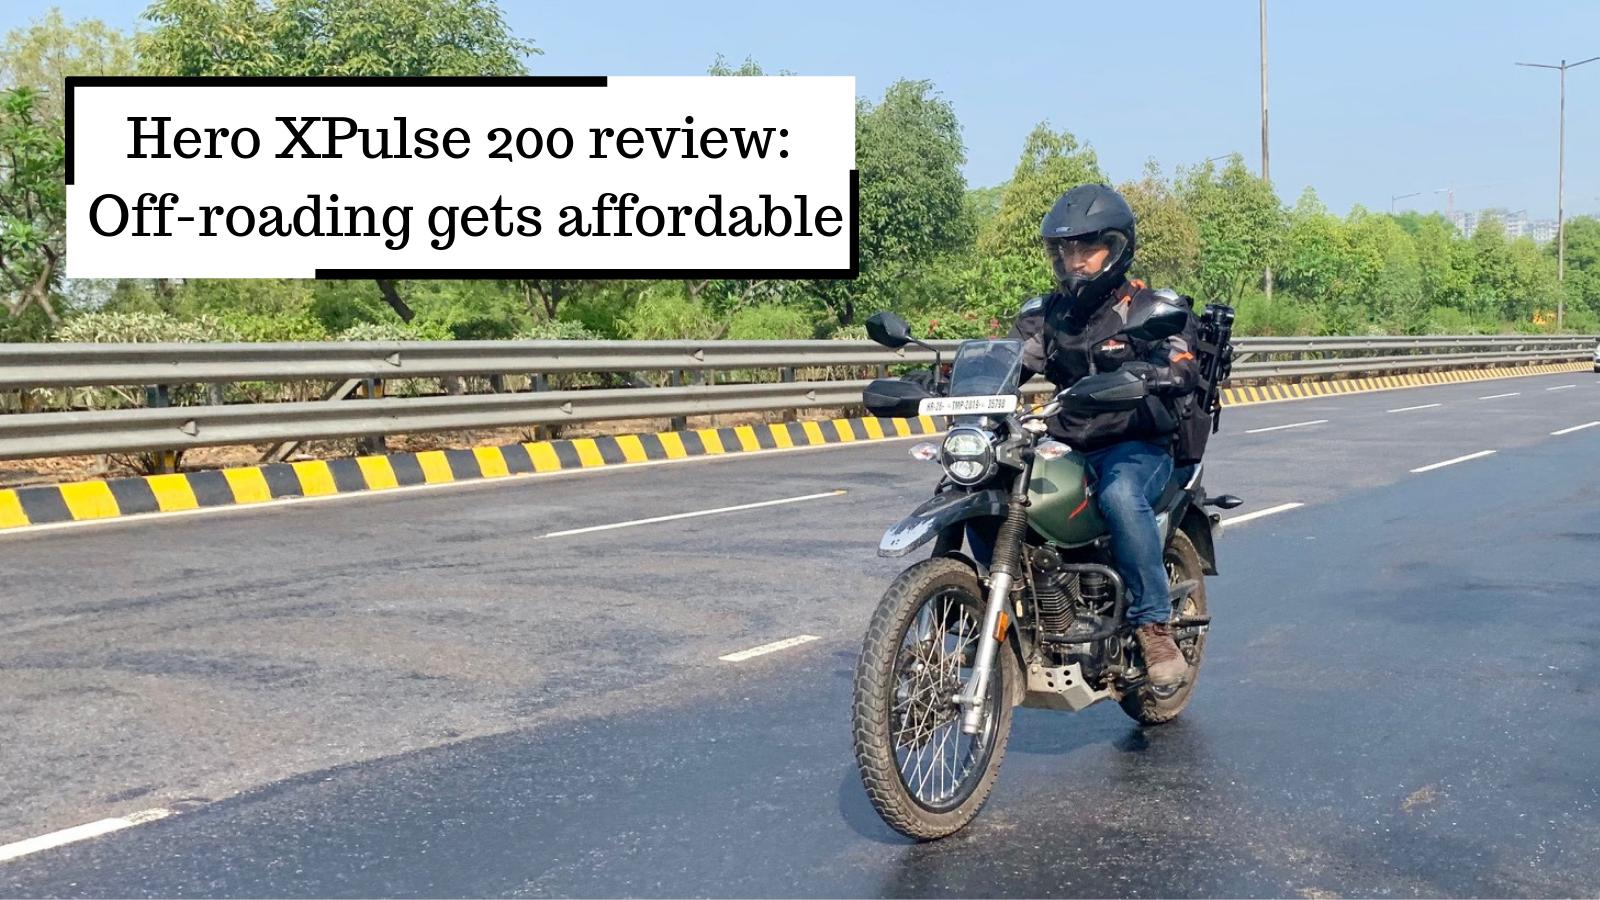 Hero XPulse 200 road test review